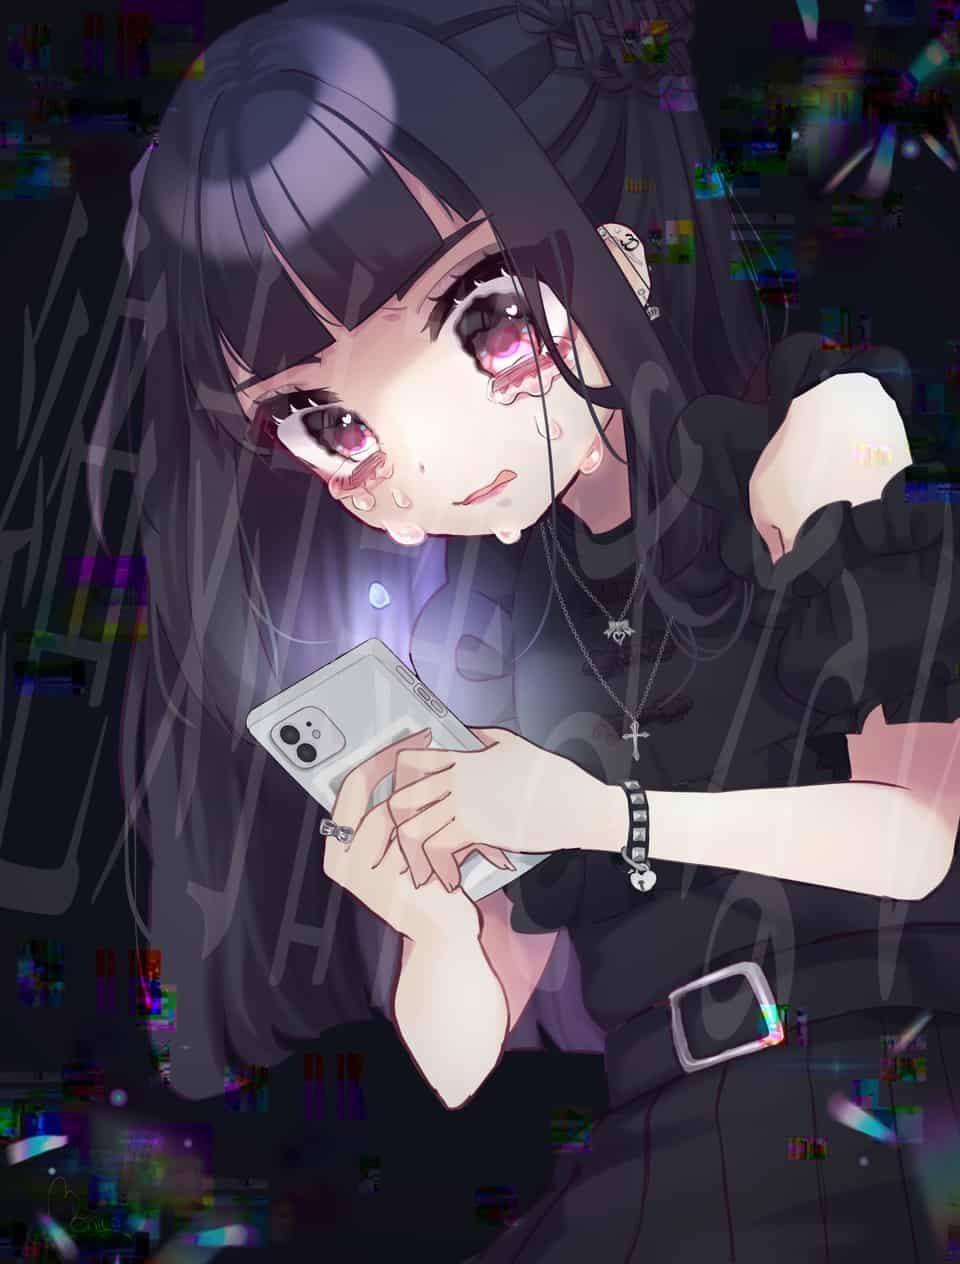 真っ黒な気持ち Illust of 佐藤べに仔 April.2020Contest:Color black sad original girl 黒髪